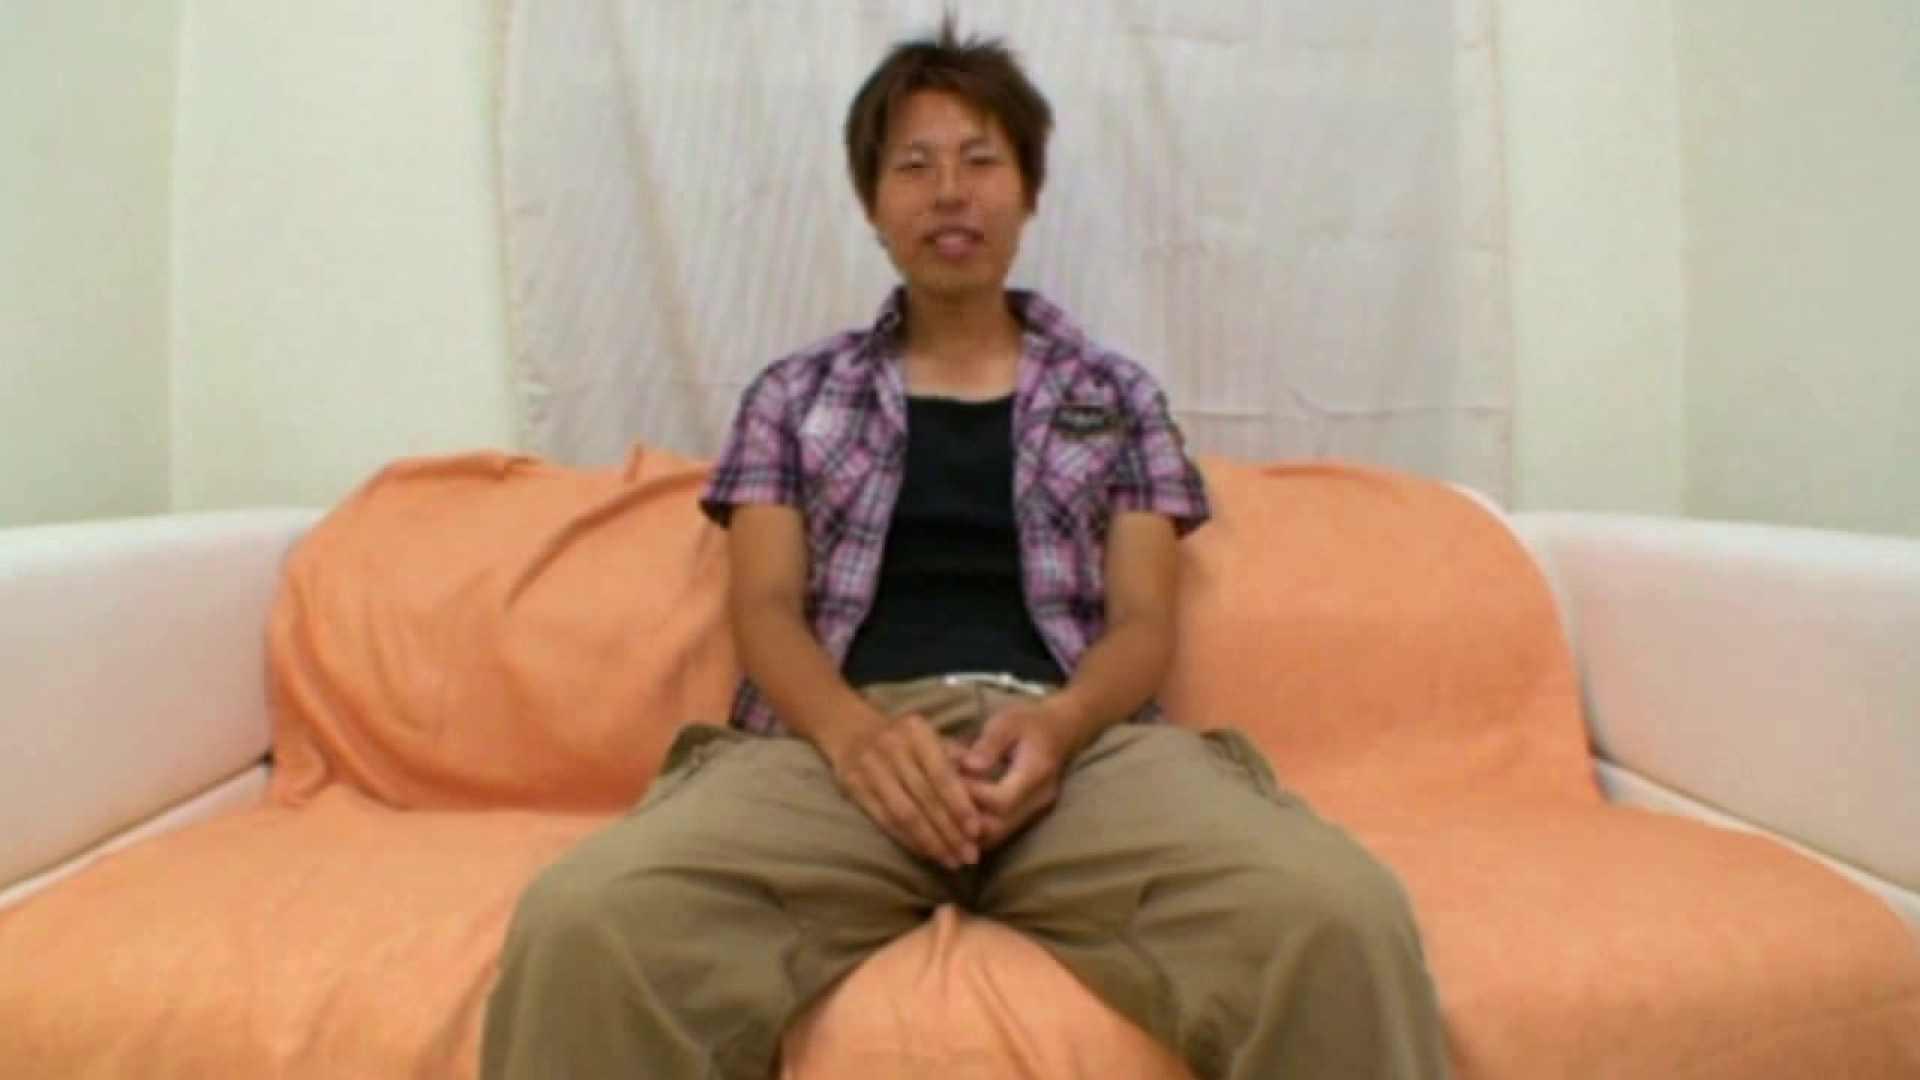 ノンケ!自慰スタジオ No.10 自慰シーン エロビデオ紹介 103枚 53